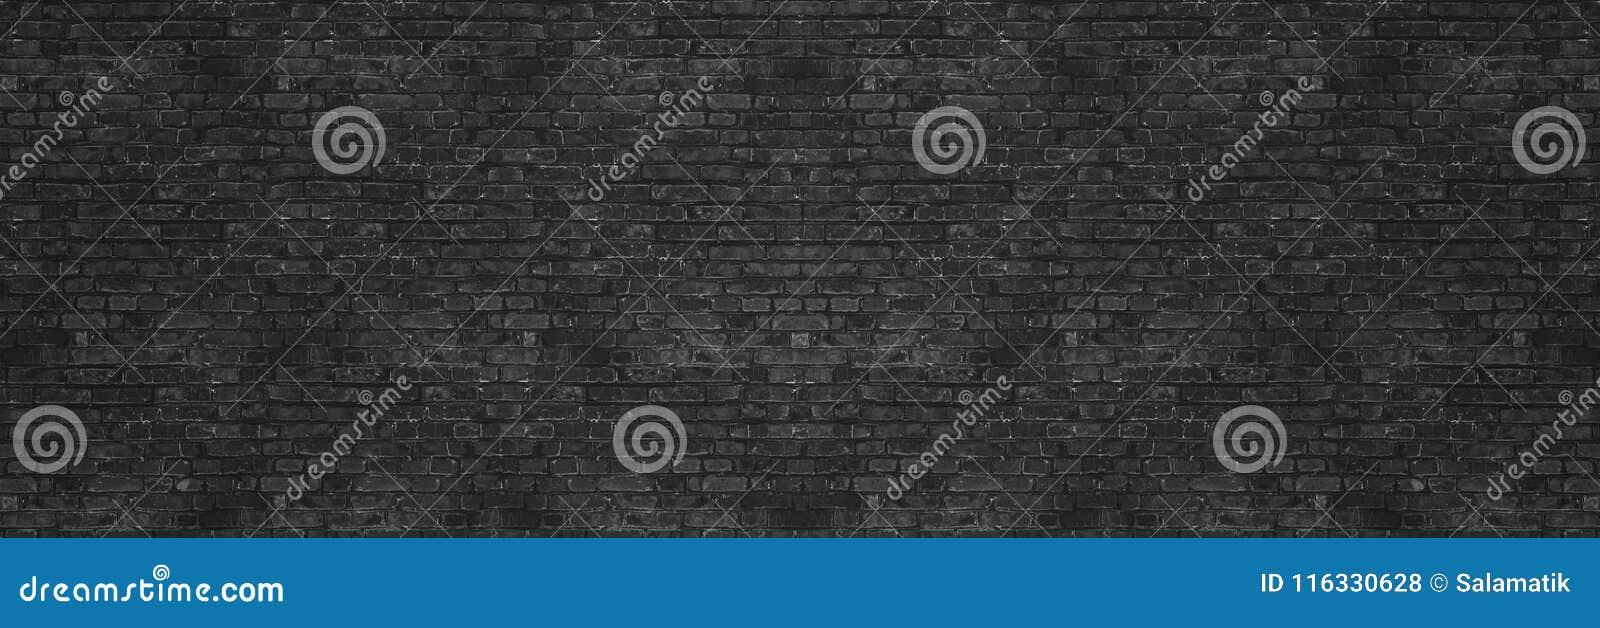 葡萄酒黑色洗涤设计的砖墙纹理 您的文本或图象的全景背景